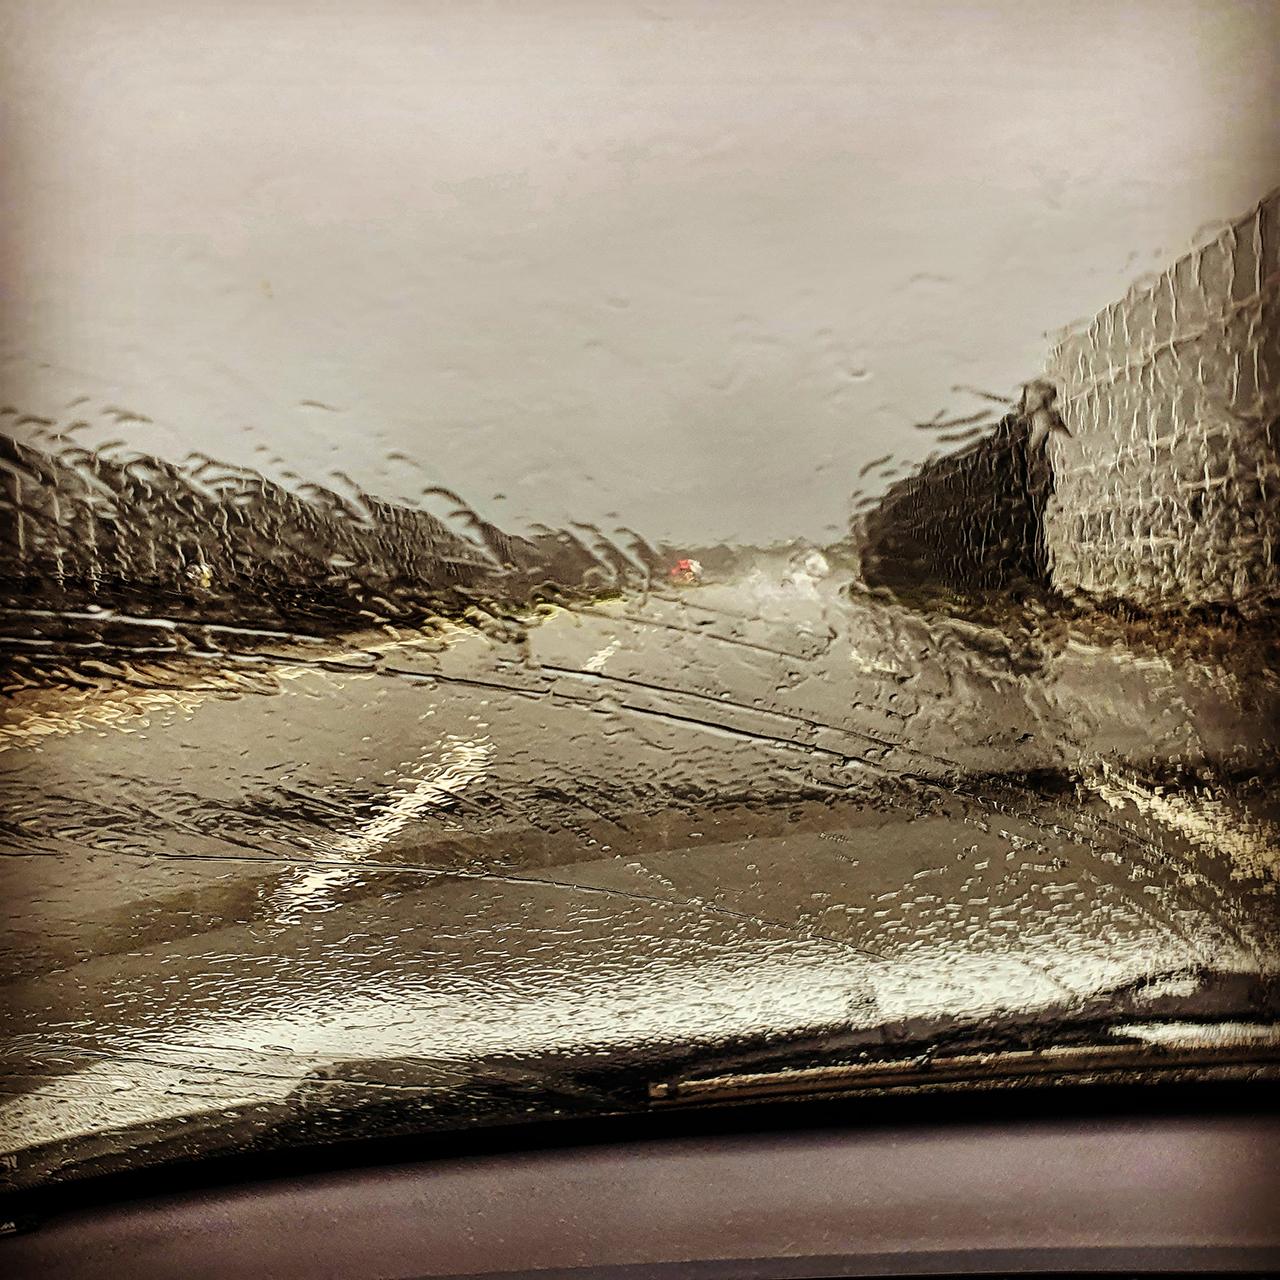 Esős út